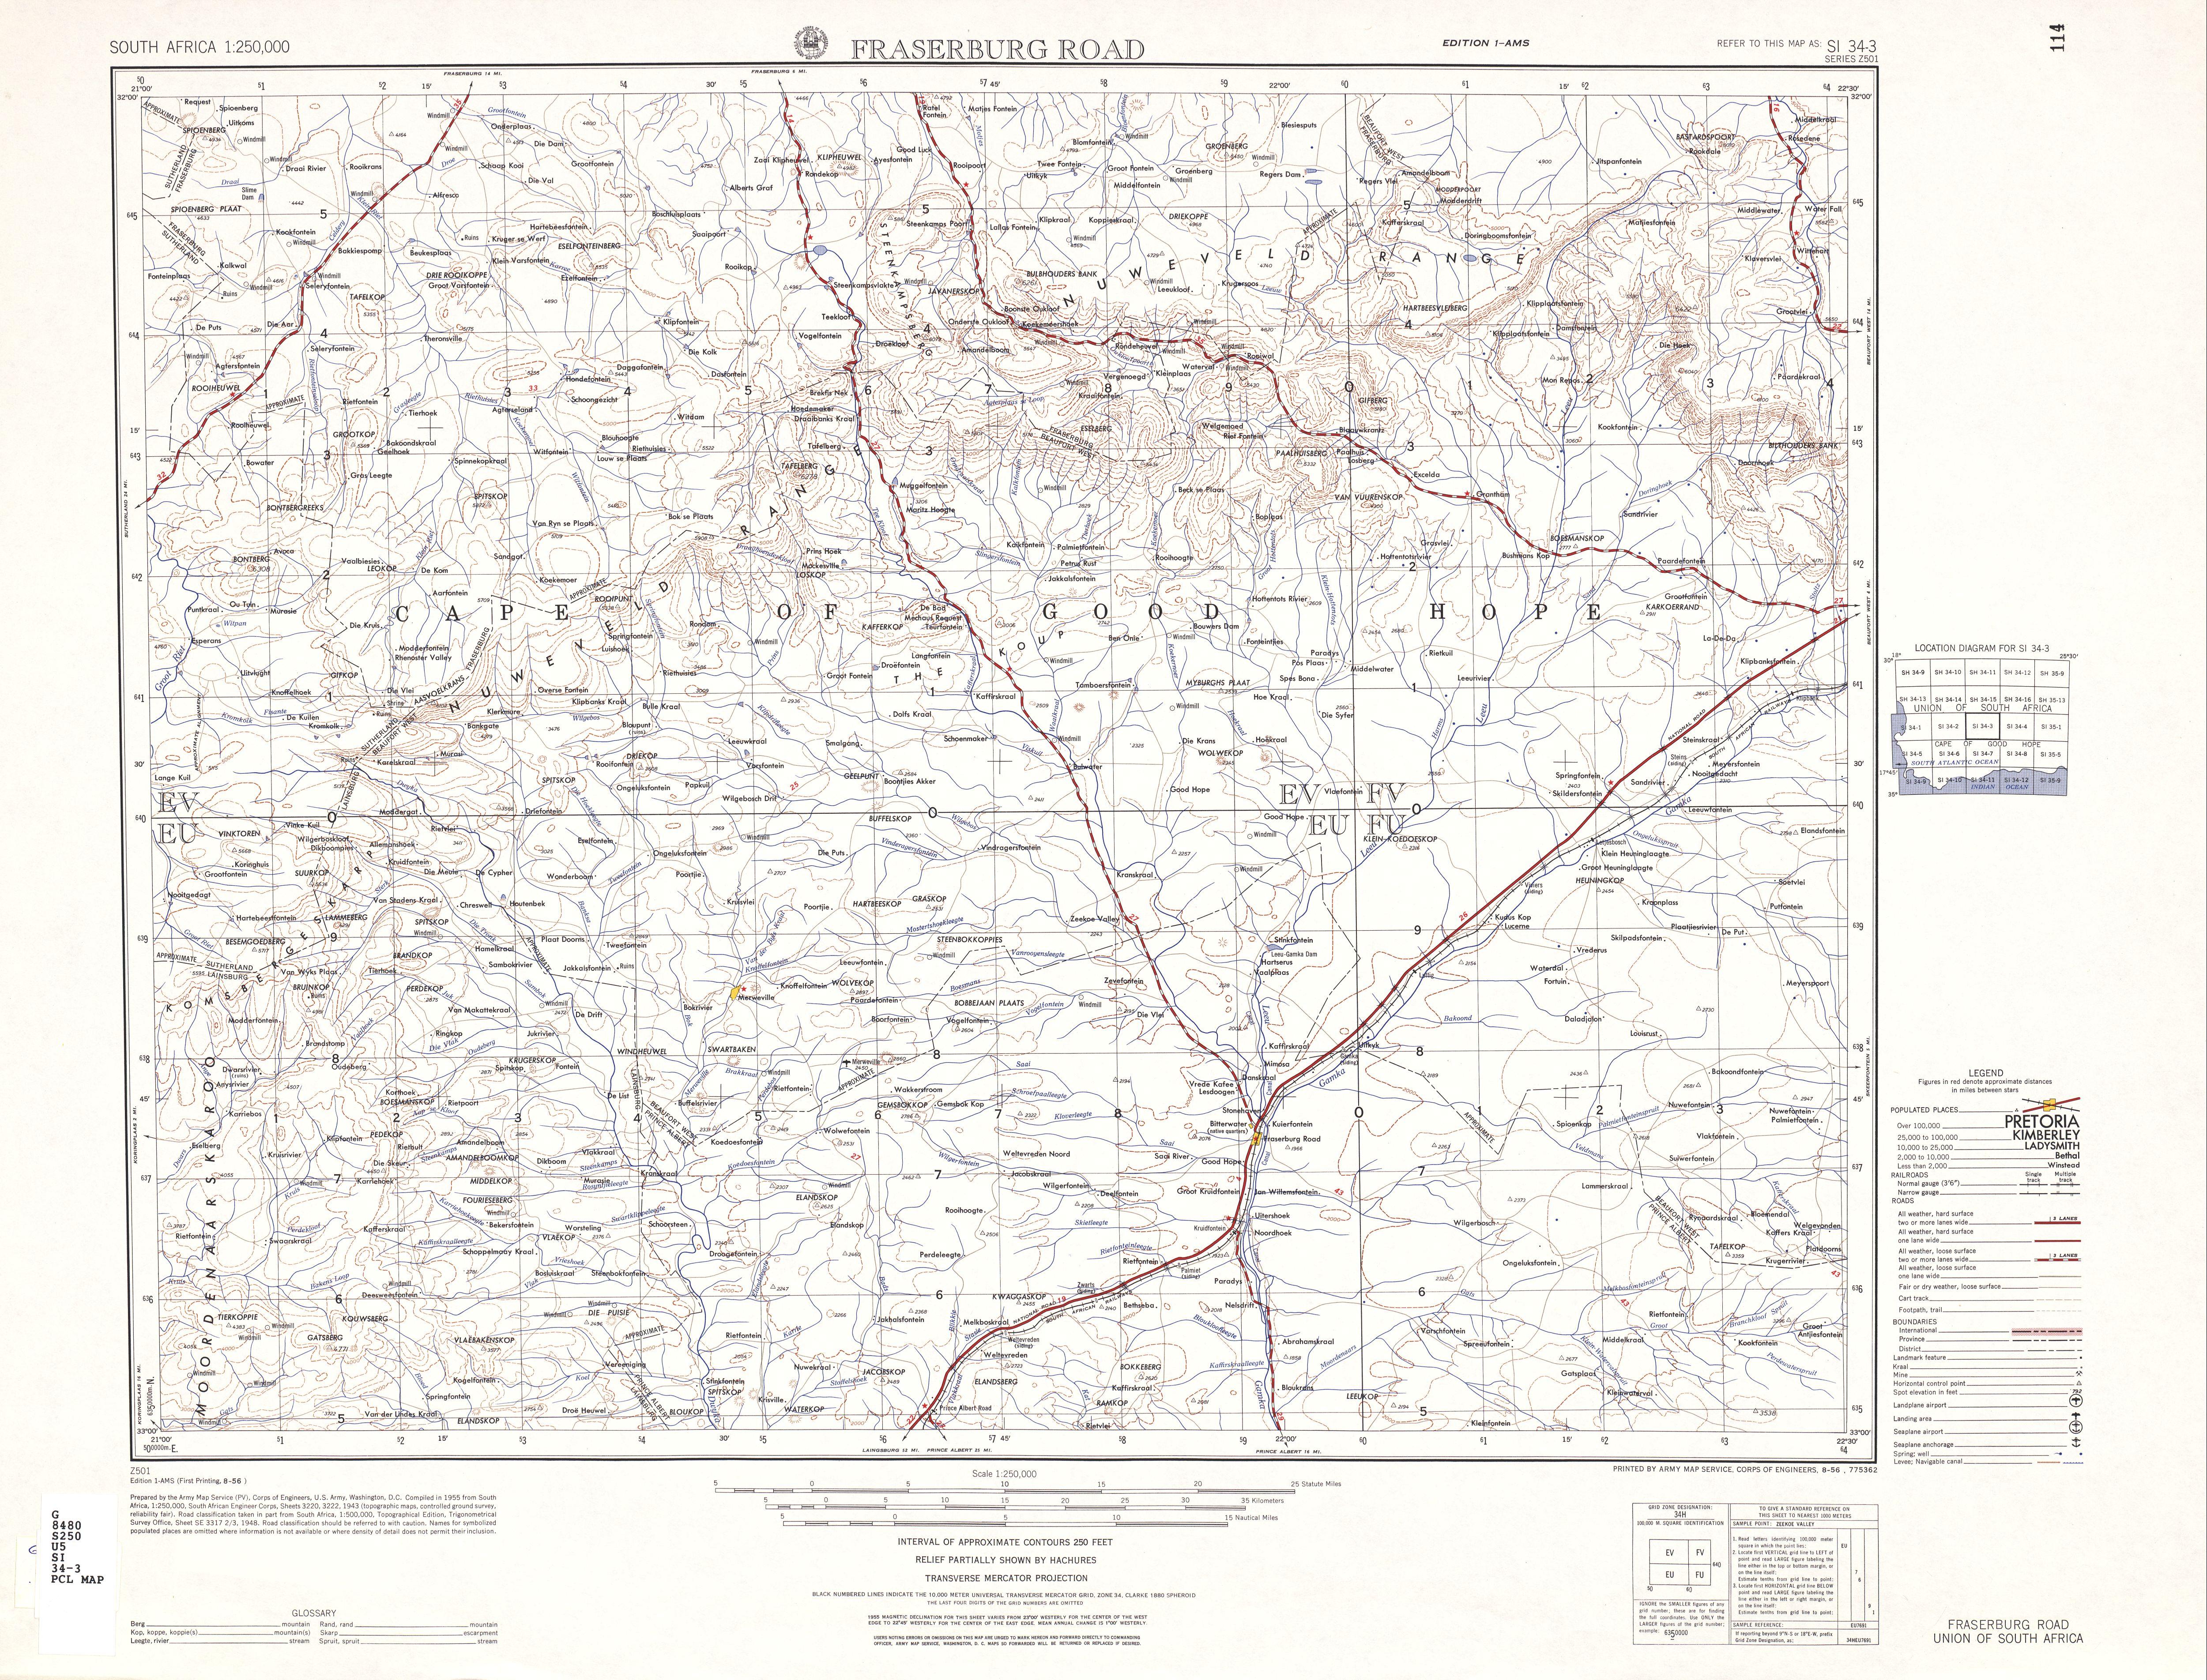 Hoja Fraserburg Road del Mapa Topográfico de África Meridional 1954